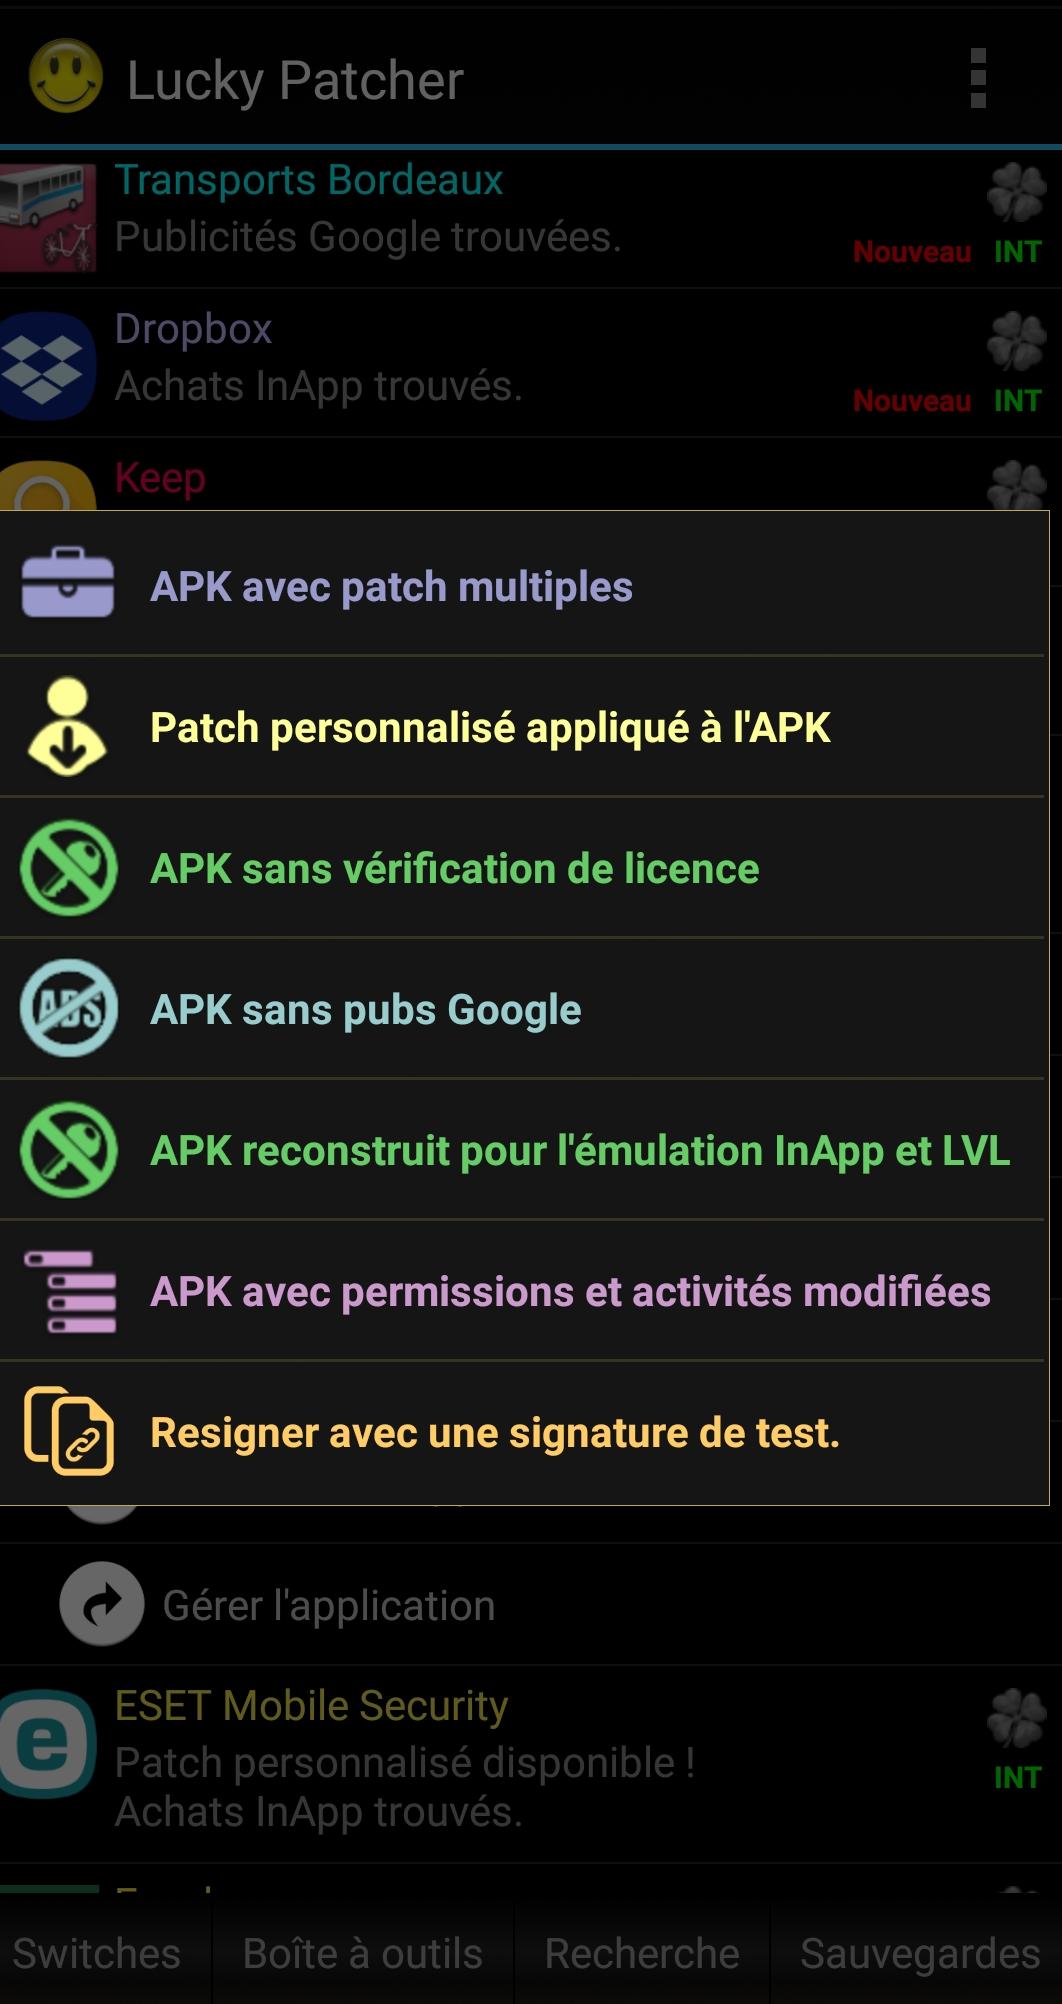 App pour Android apk